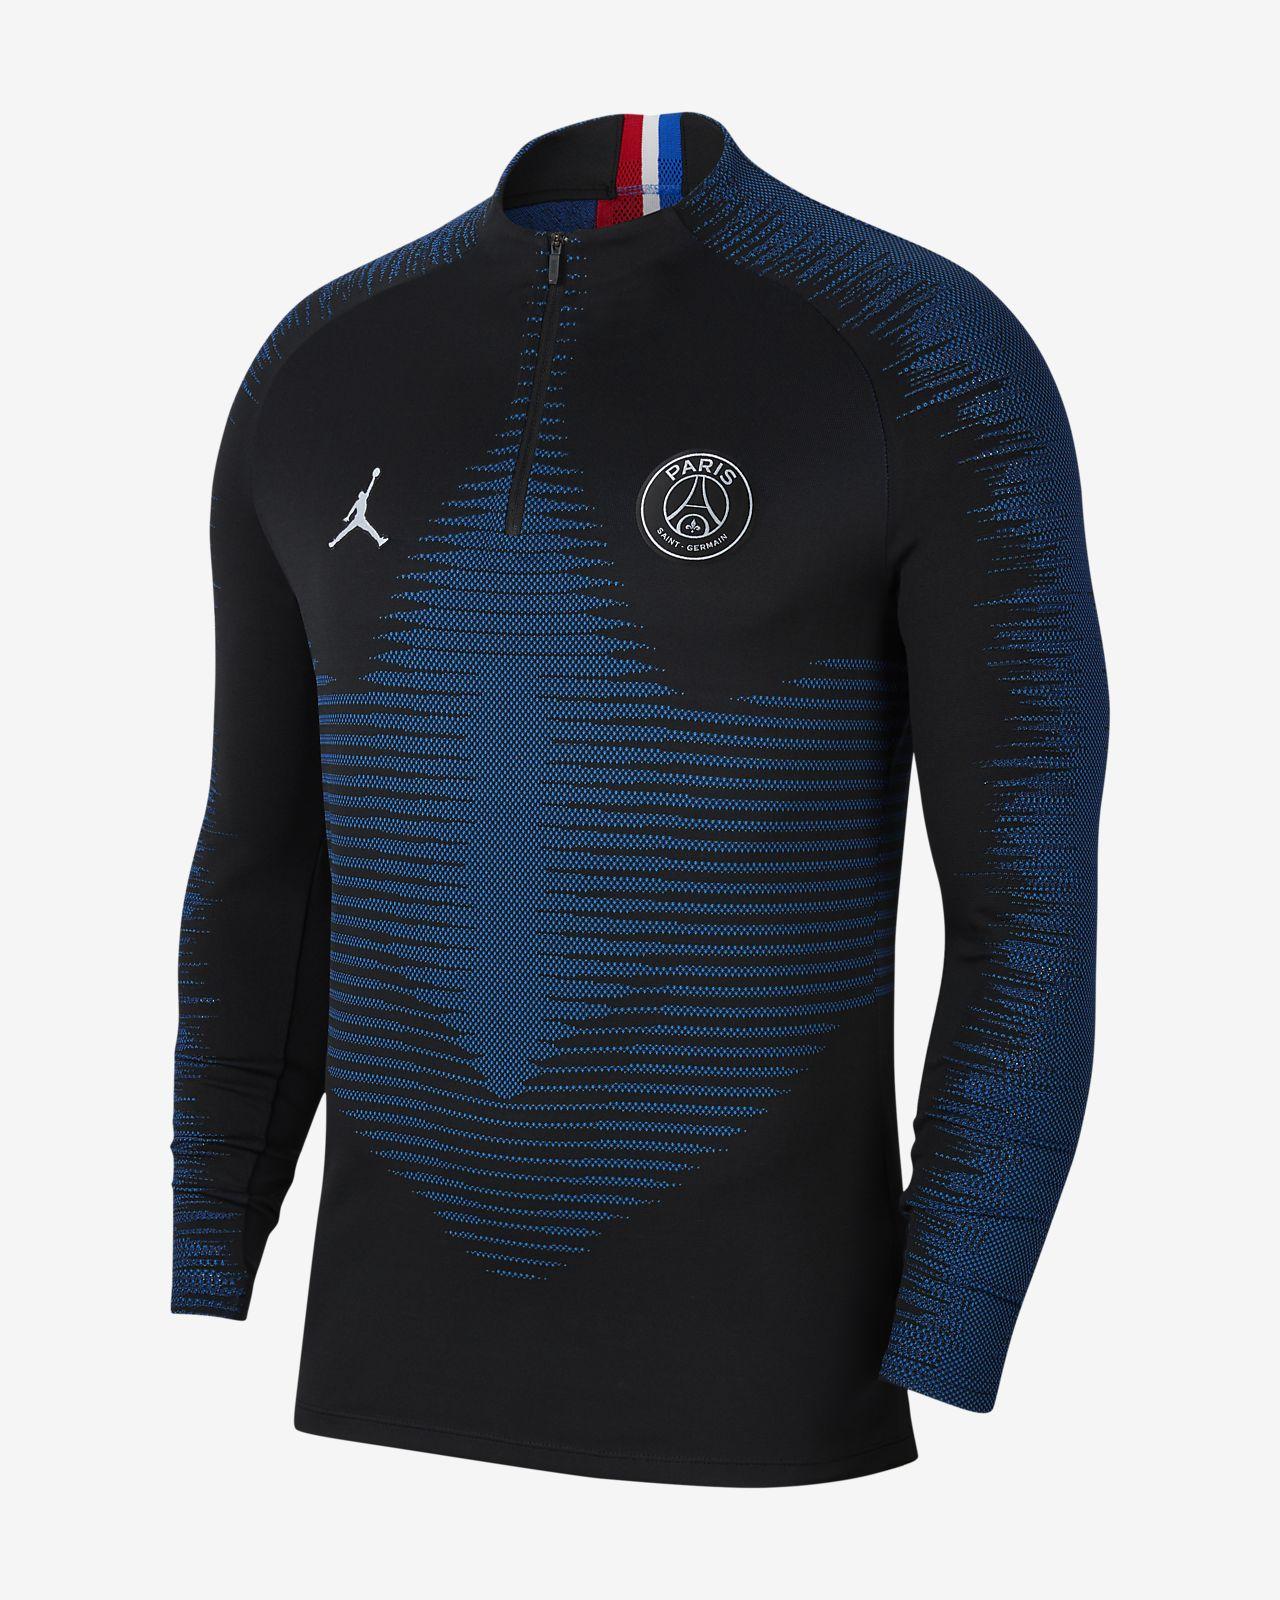 Prenda para la parte superior de entrenamiento de fútbol para hombre Nike VaporKnit Paris Saint-Germain Strike